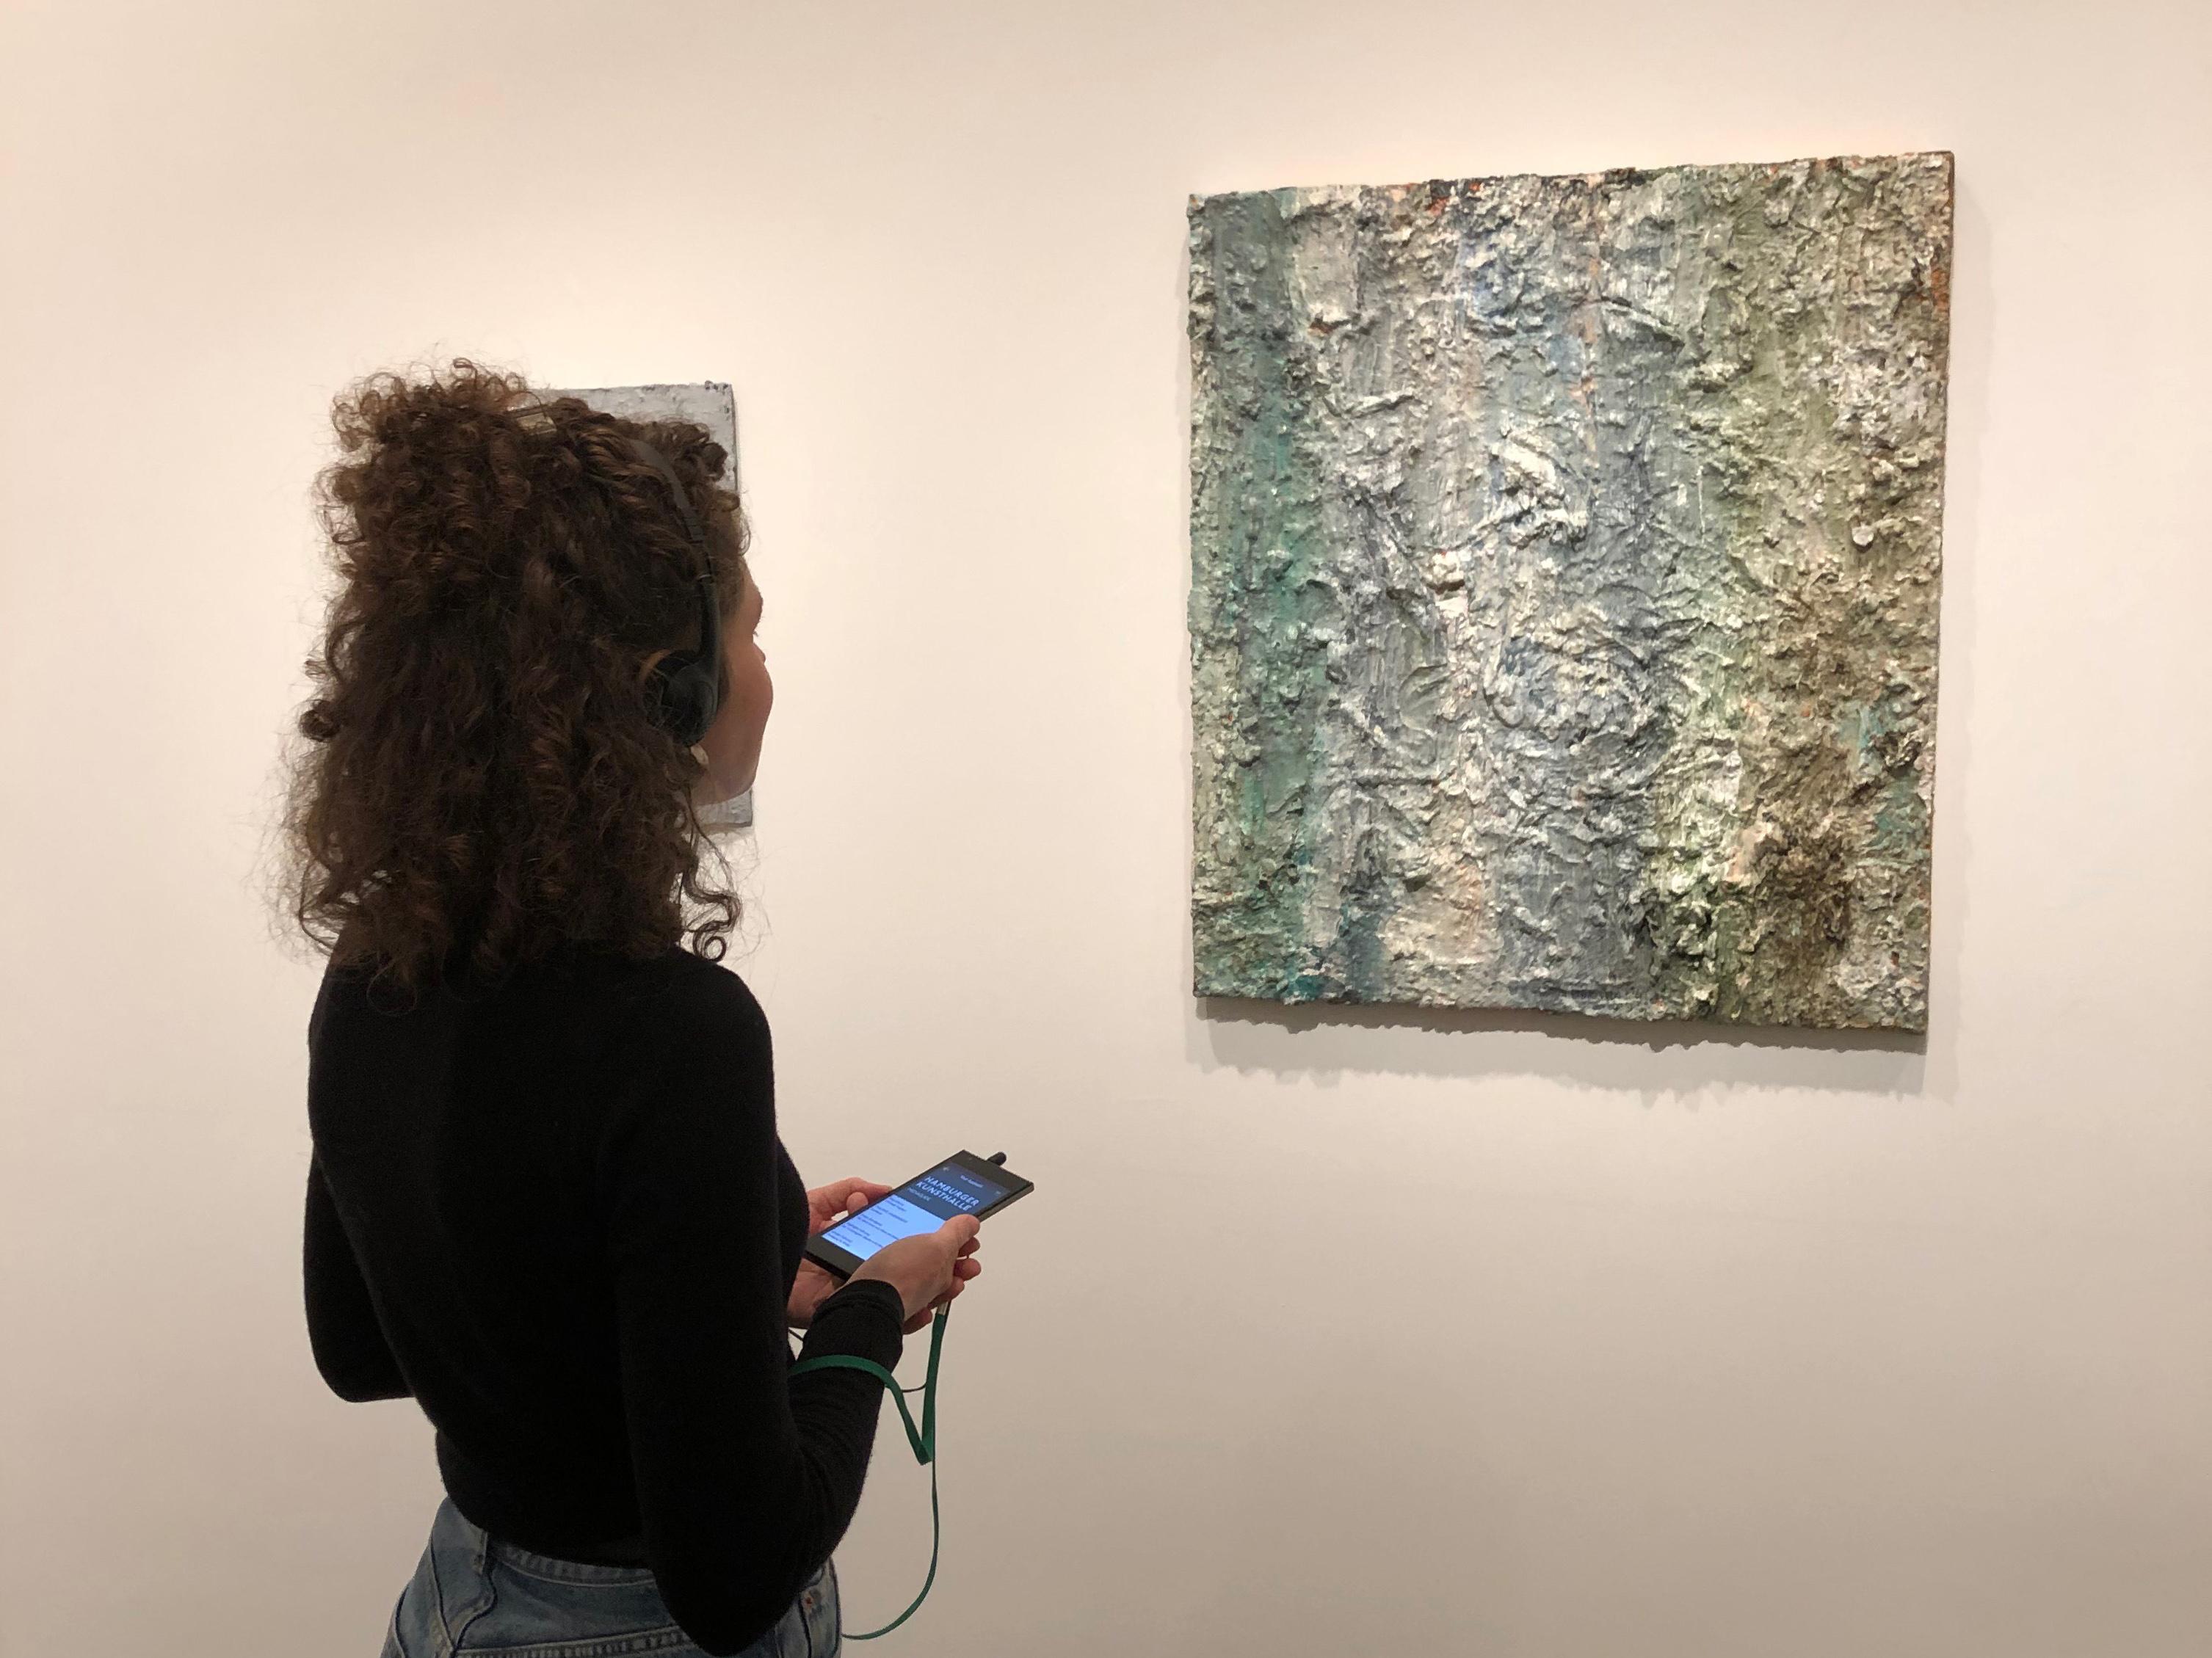 Philippe Vandenberg (1952–2009): Kein Titel / No title 1991–2002 Öl und Paste auf Leinwand / Oil and paste on canvas 80 × 70 cm